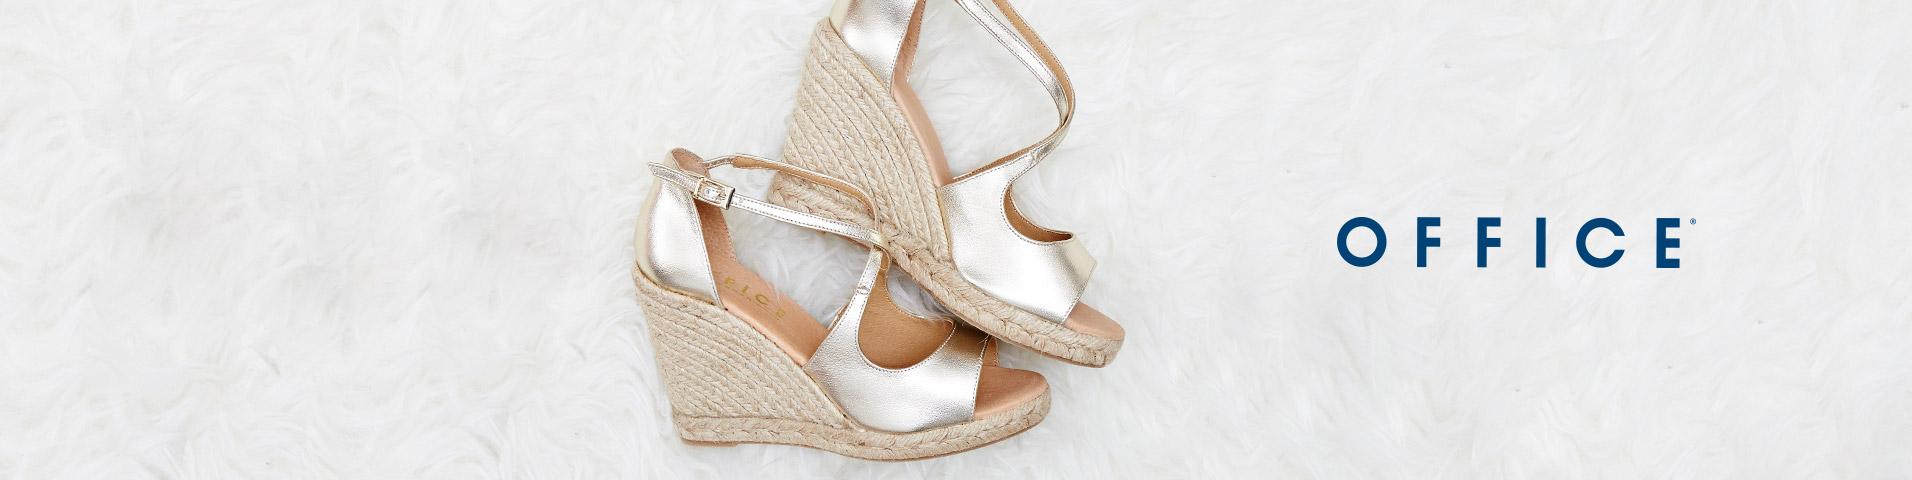 Office High Heels | Wir sagen High & starten die Schuh-Saison | ZALANDO